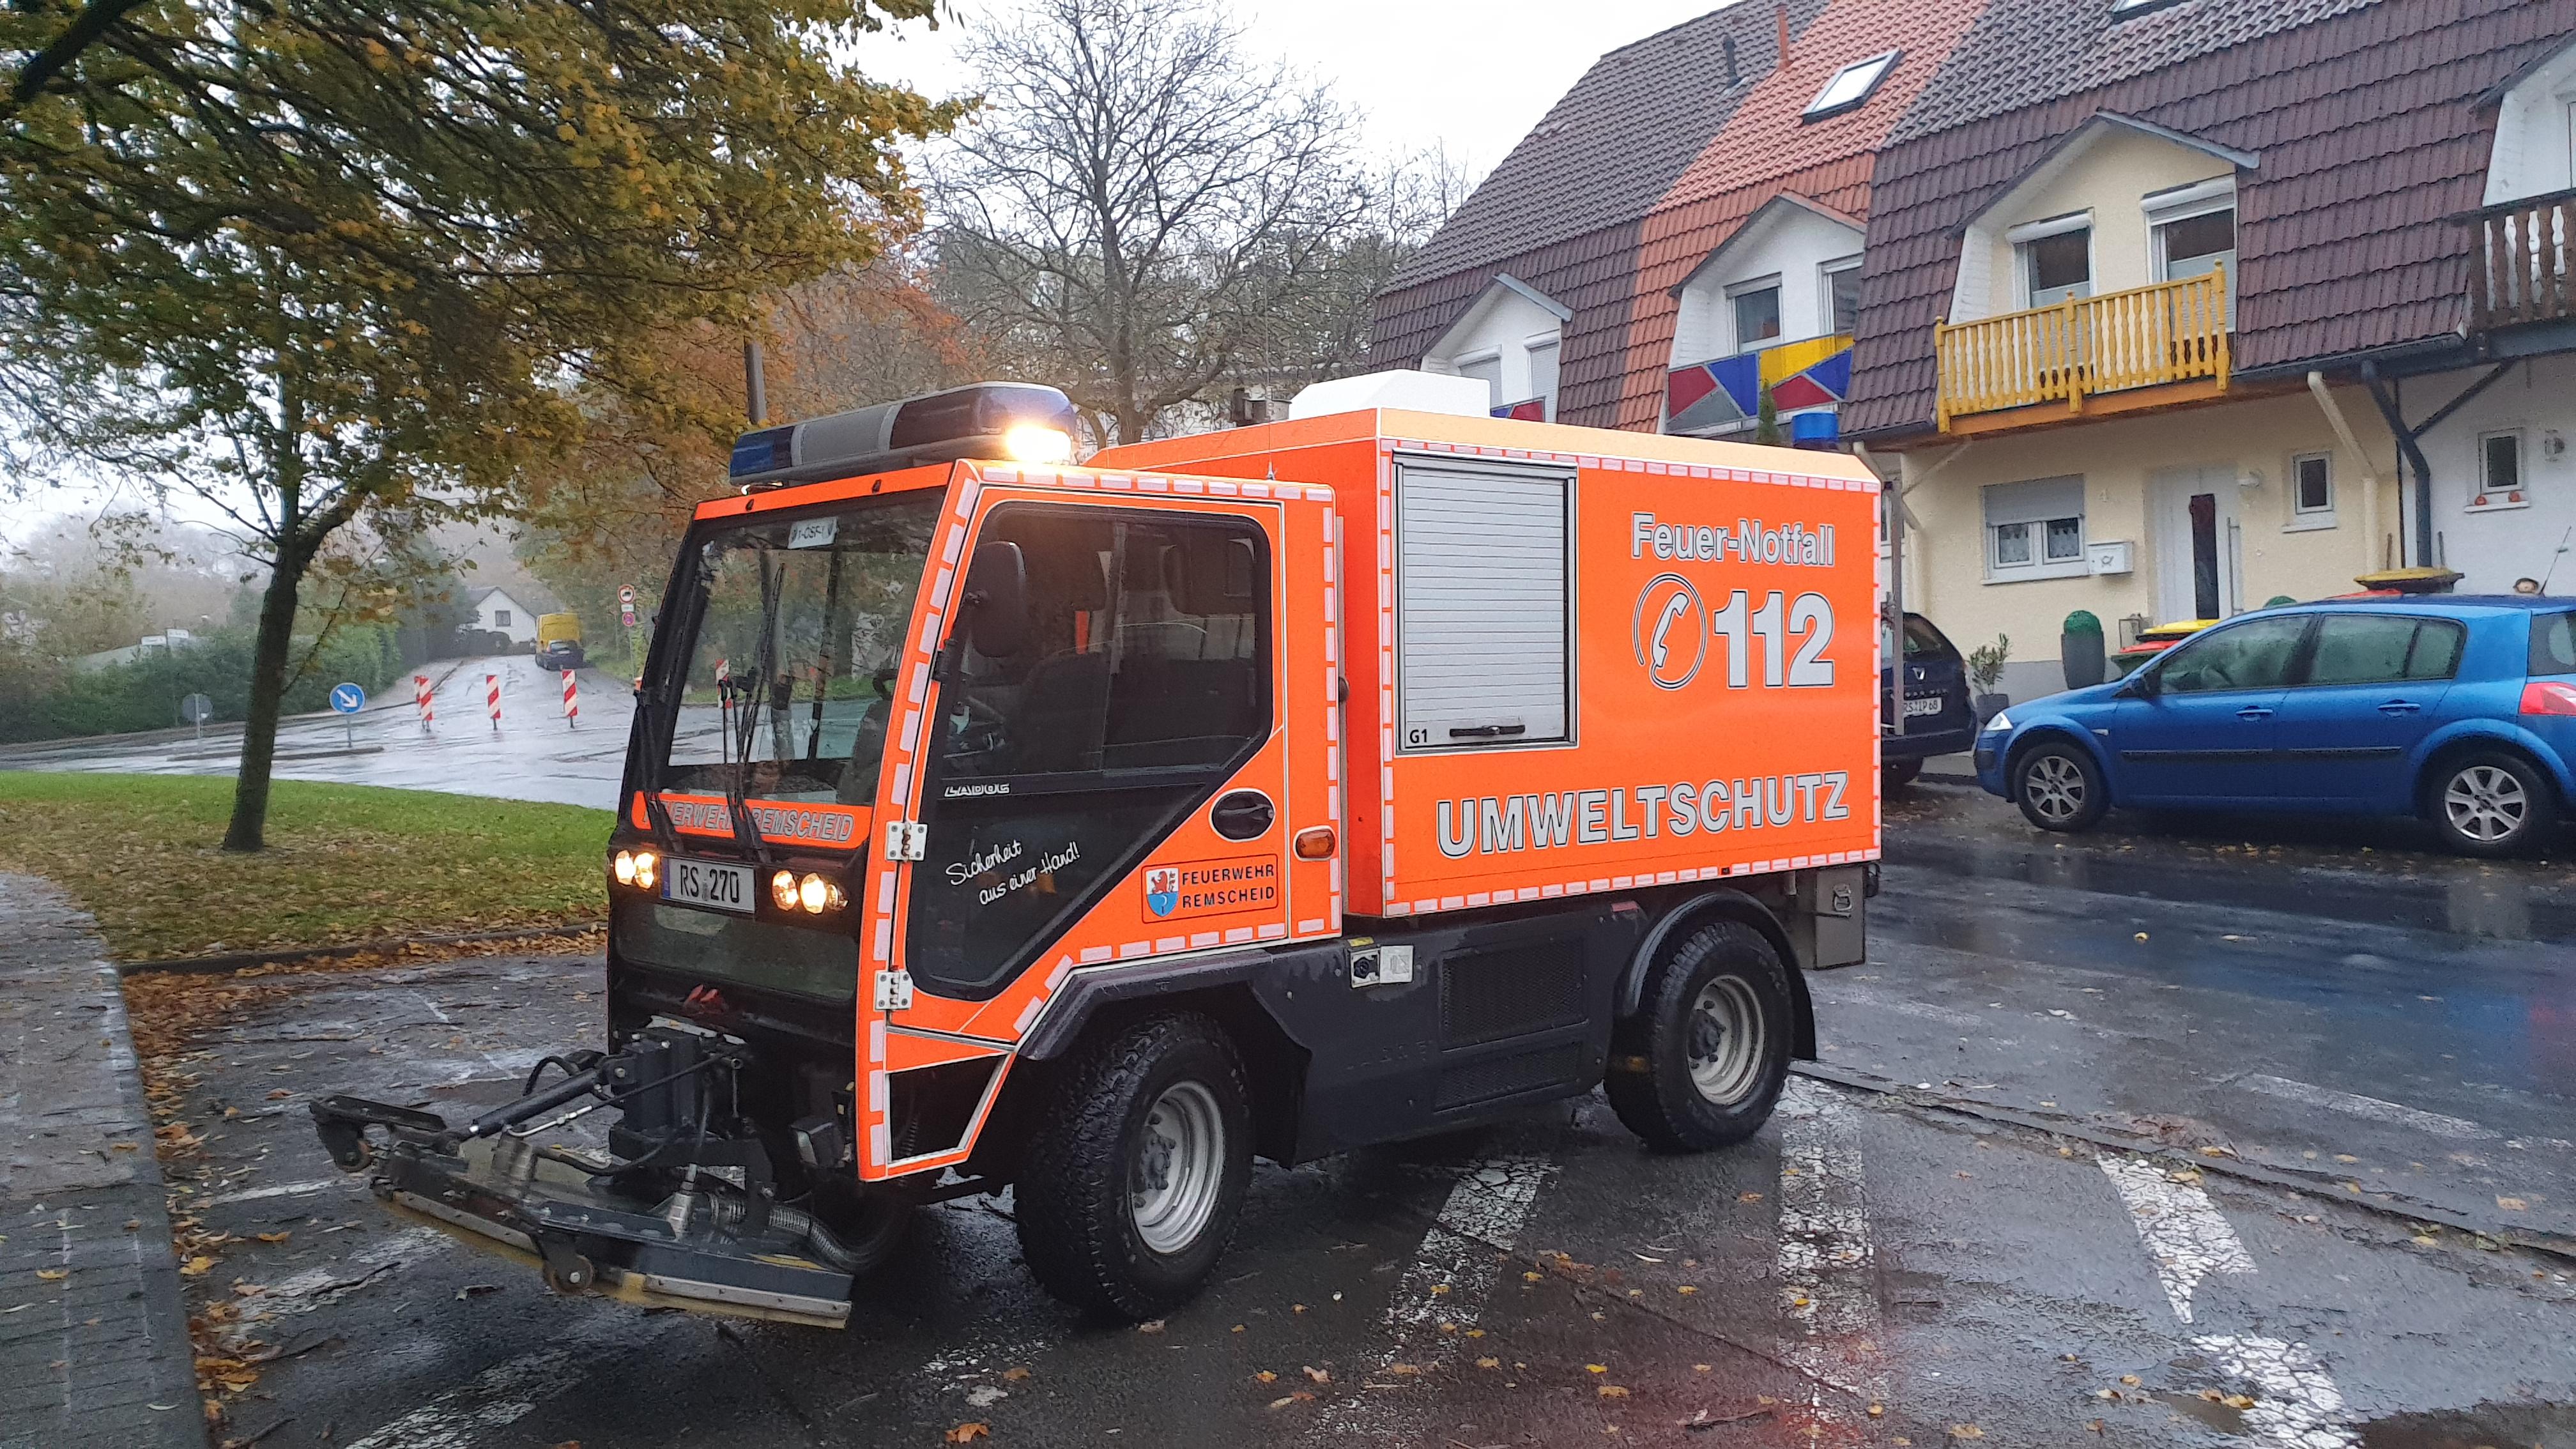 Die Abteilung Umweltschutz rückte aus, um das ausgelaufene Betriebsmittel zu neutralisieren. Foto: Sascha von Gerishem